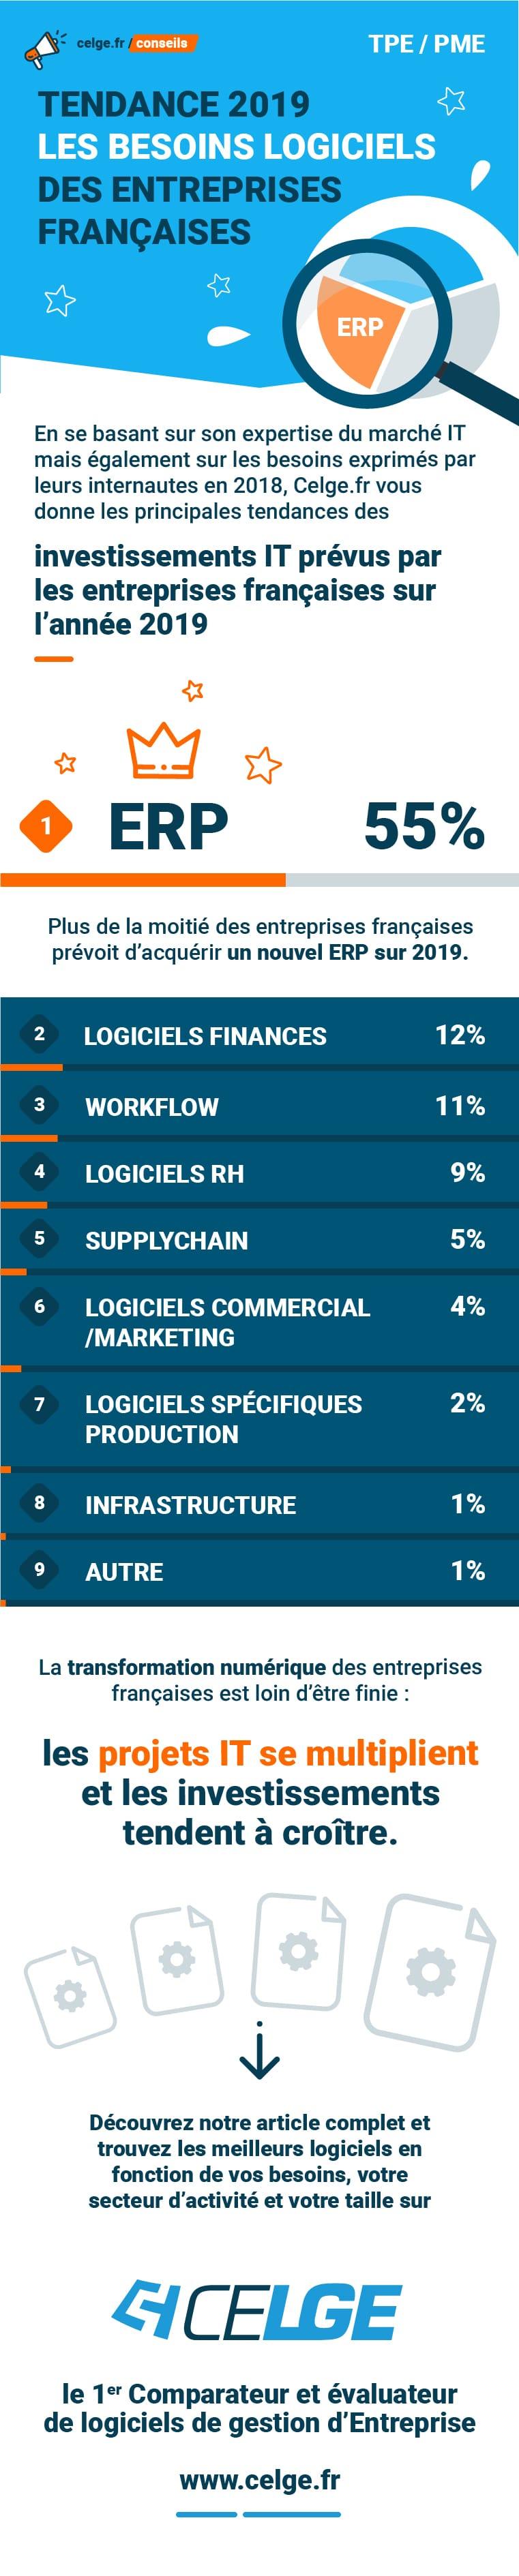 infographie tendances logiciels